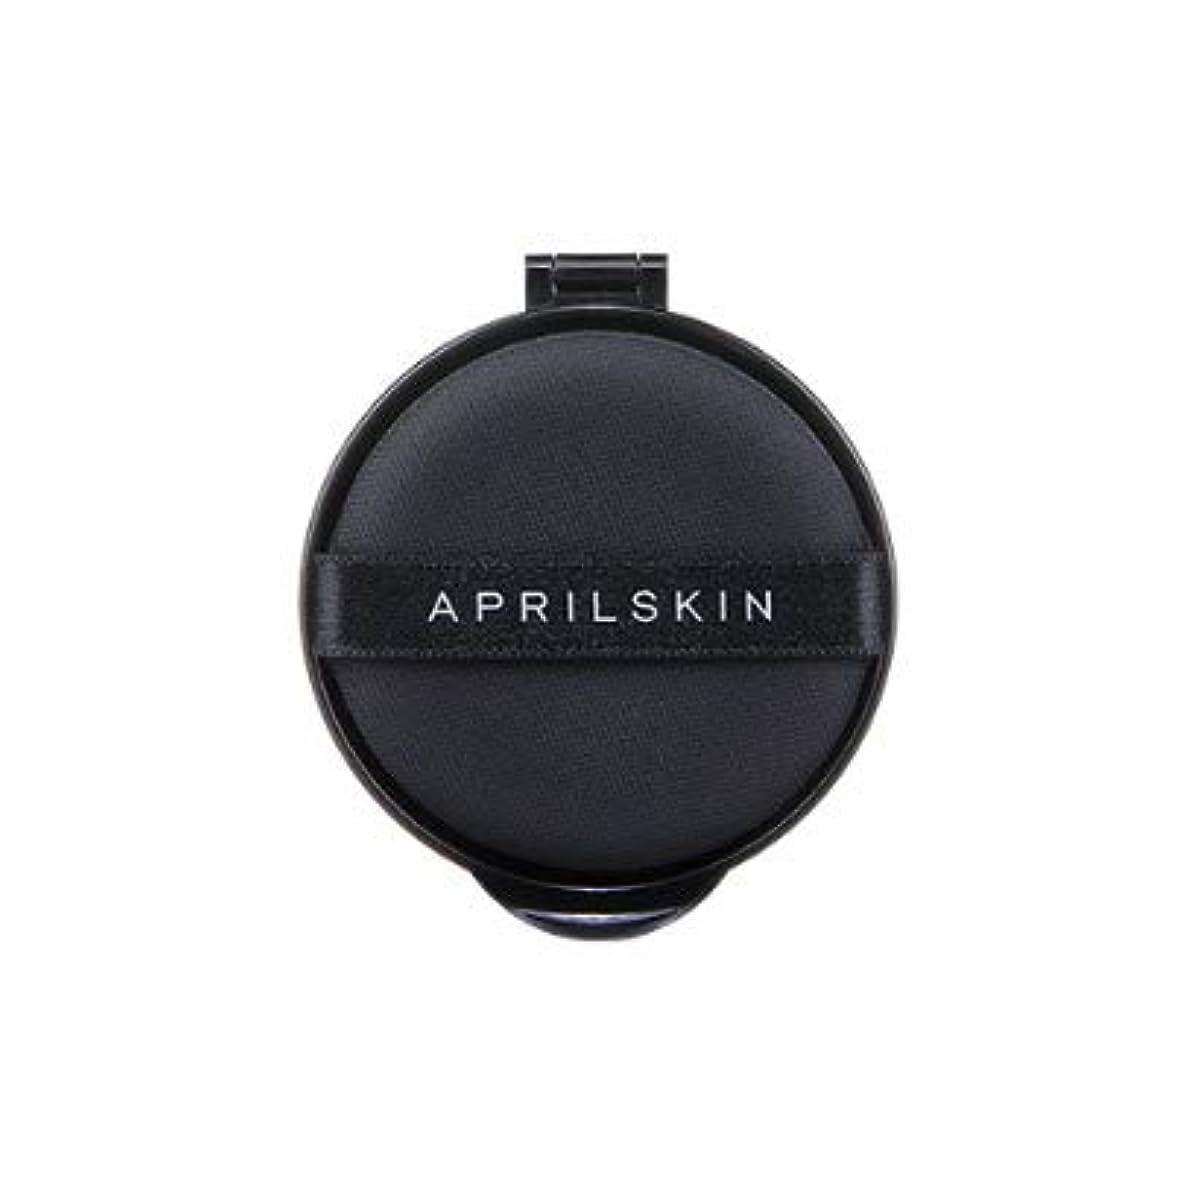 独占抑圧者器用エイプリル スキン(APRIL SKIN) パーフェクトマジックカバーフィットクッション (リフィル) 13g / APRILSKIN PERFECT MAGIC COVER FIT CUSHION (REFILL) 13g (23号)